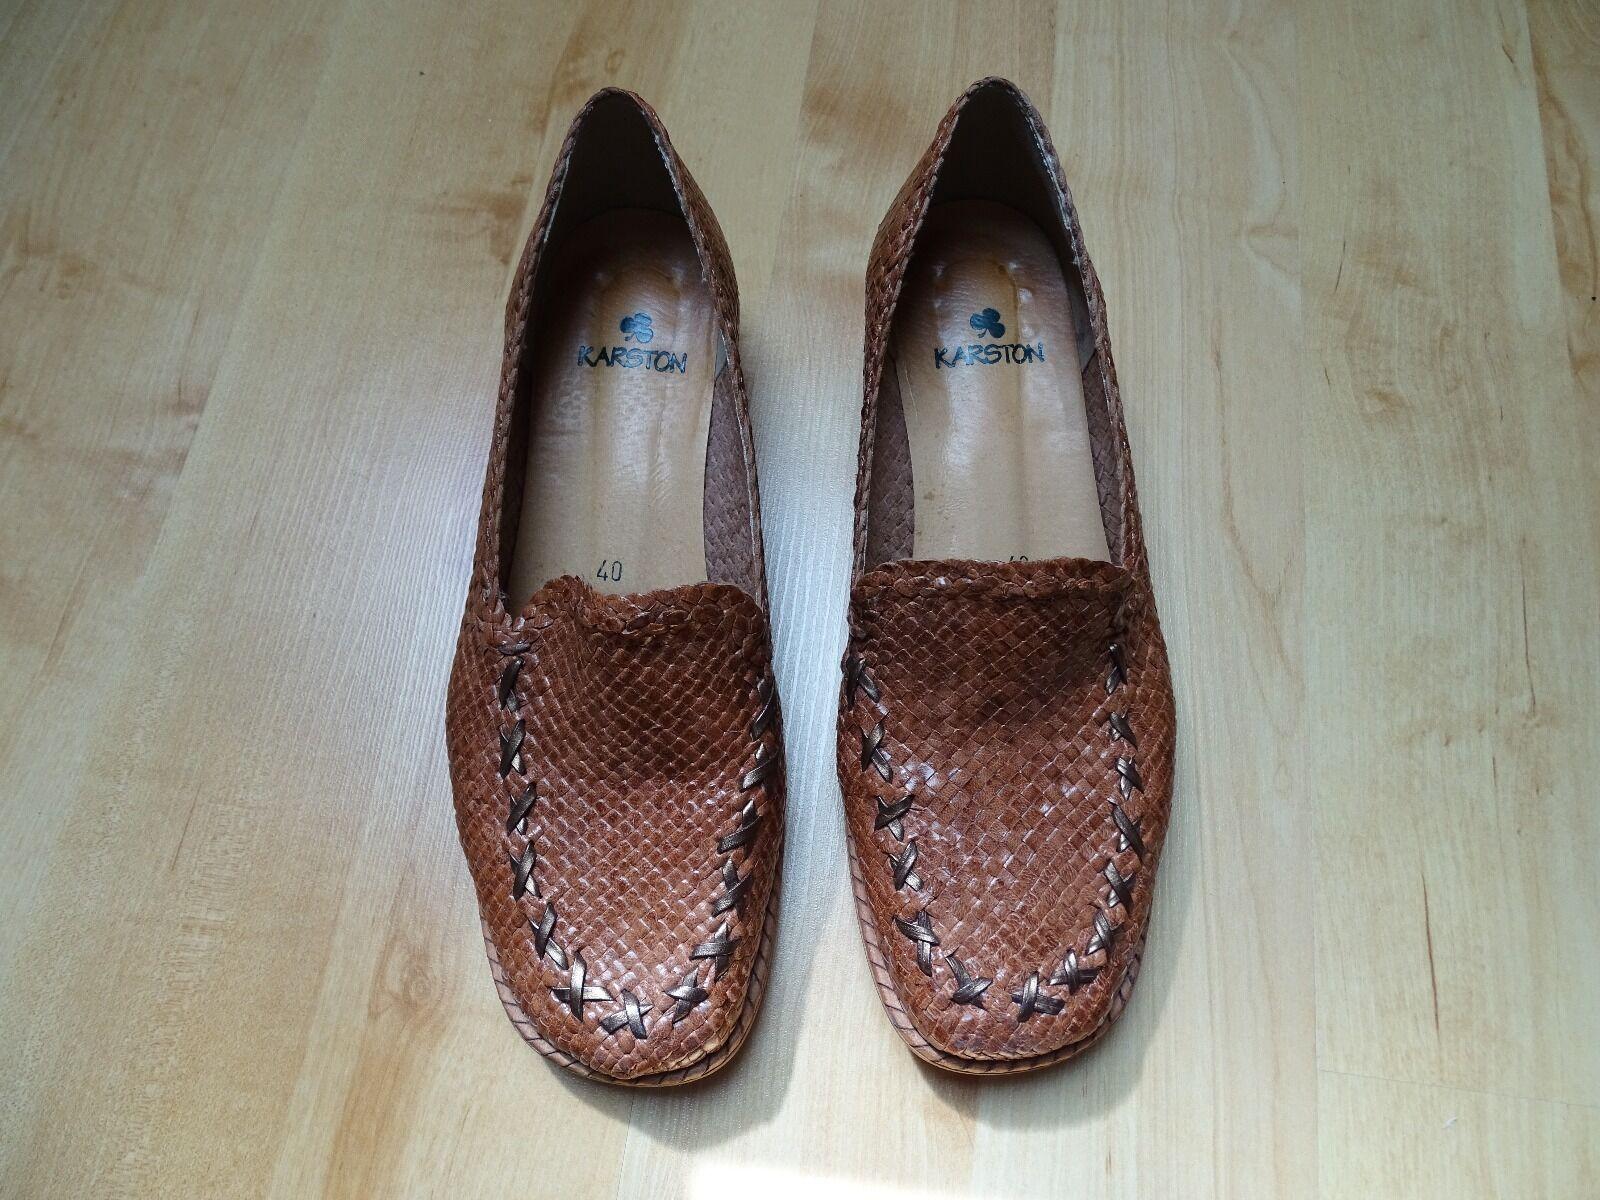 Chaussures neuf état 40 Femme KARSTON été pljg3b6f41418